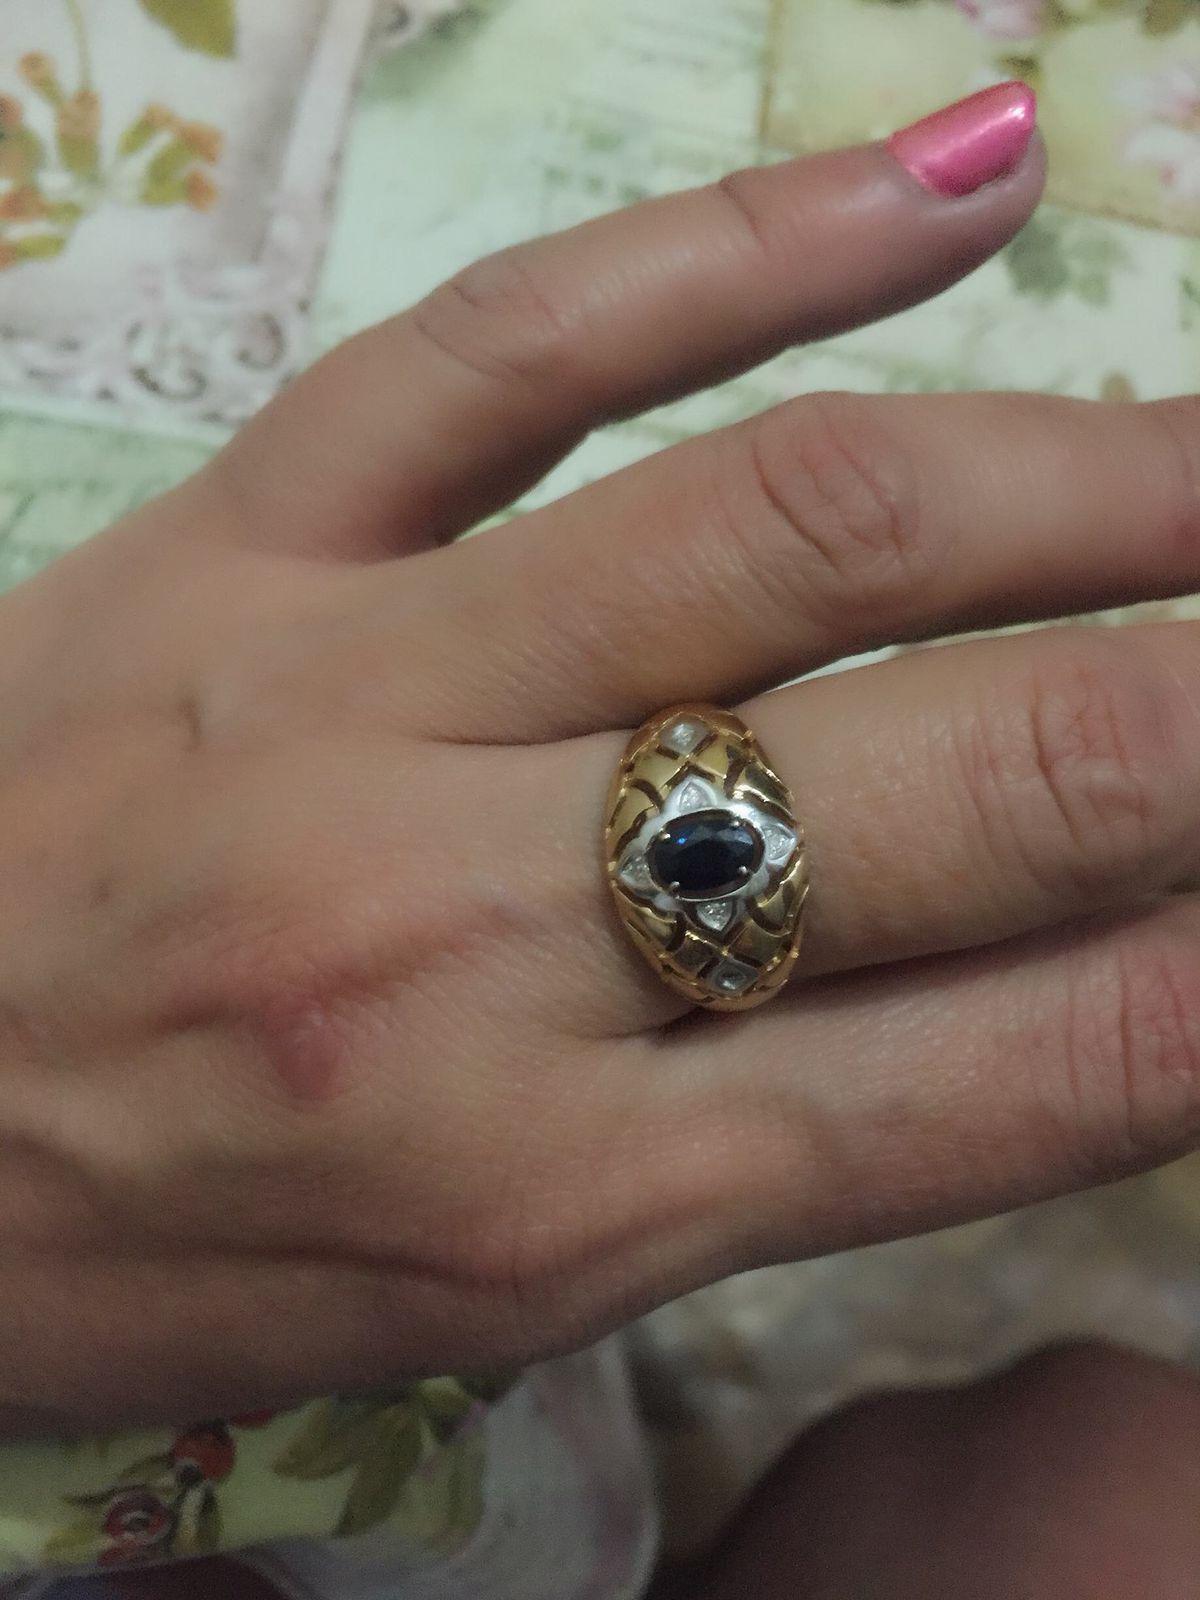 Шикарное кольцо с 6 брилиантами и сопфиром, заказала в интернет магазине!!!